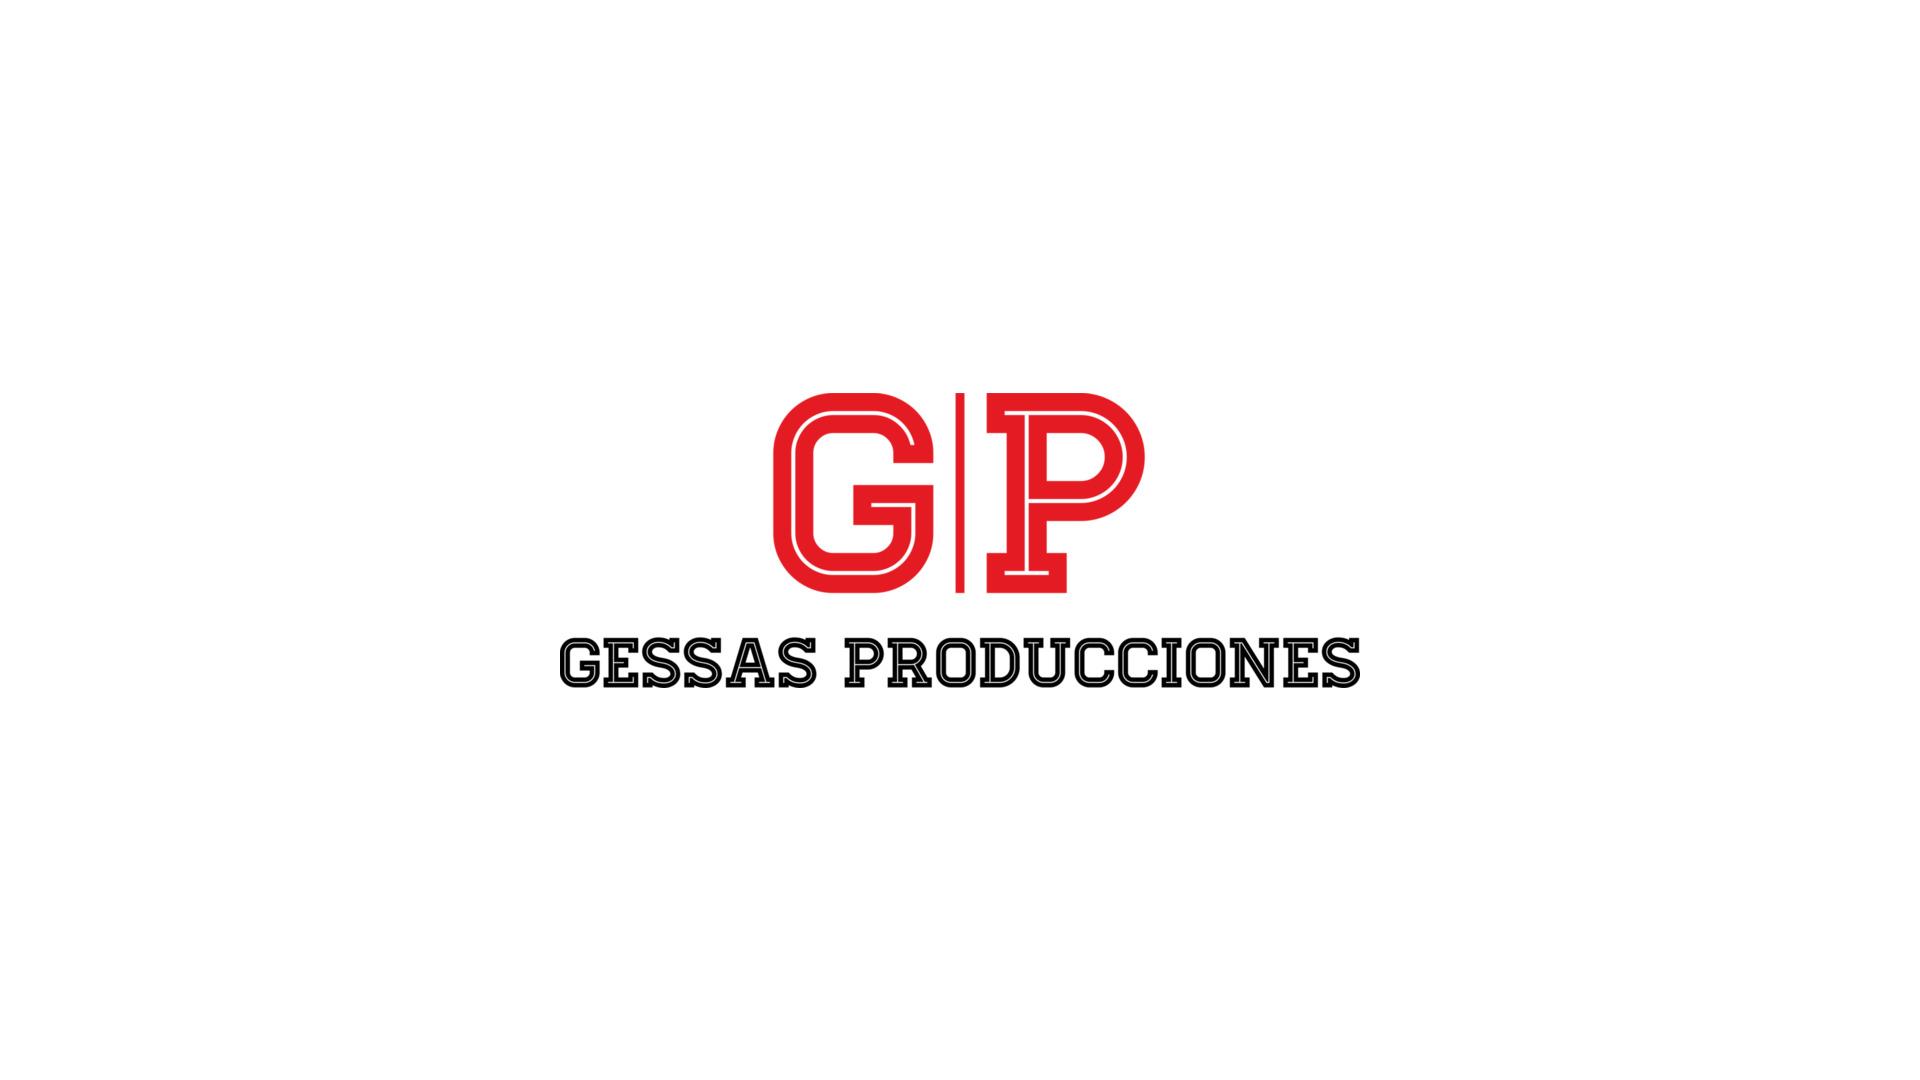 Gessas Producciones